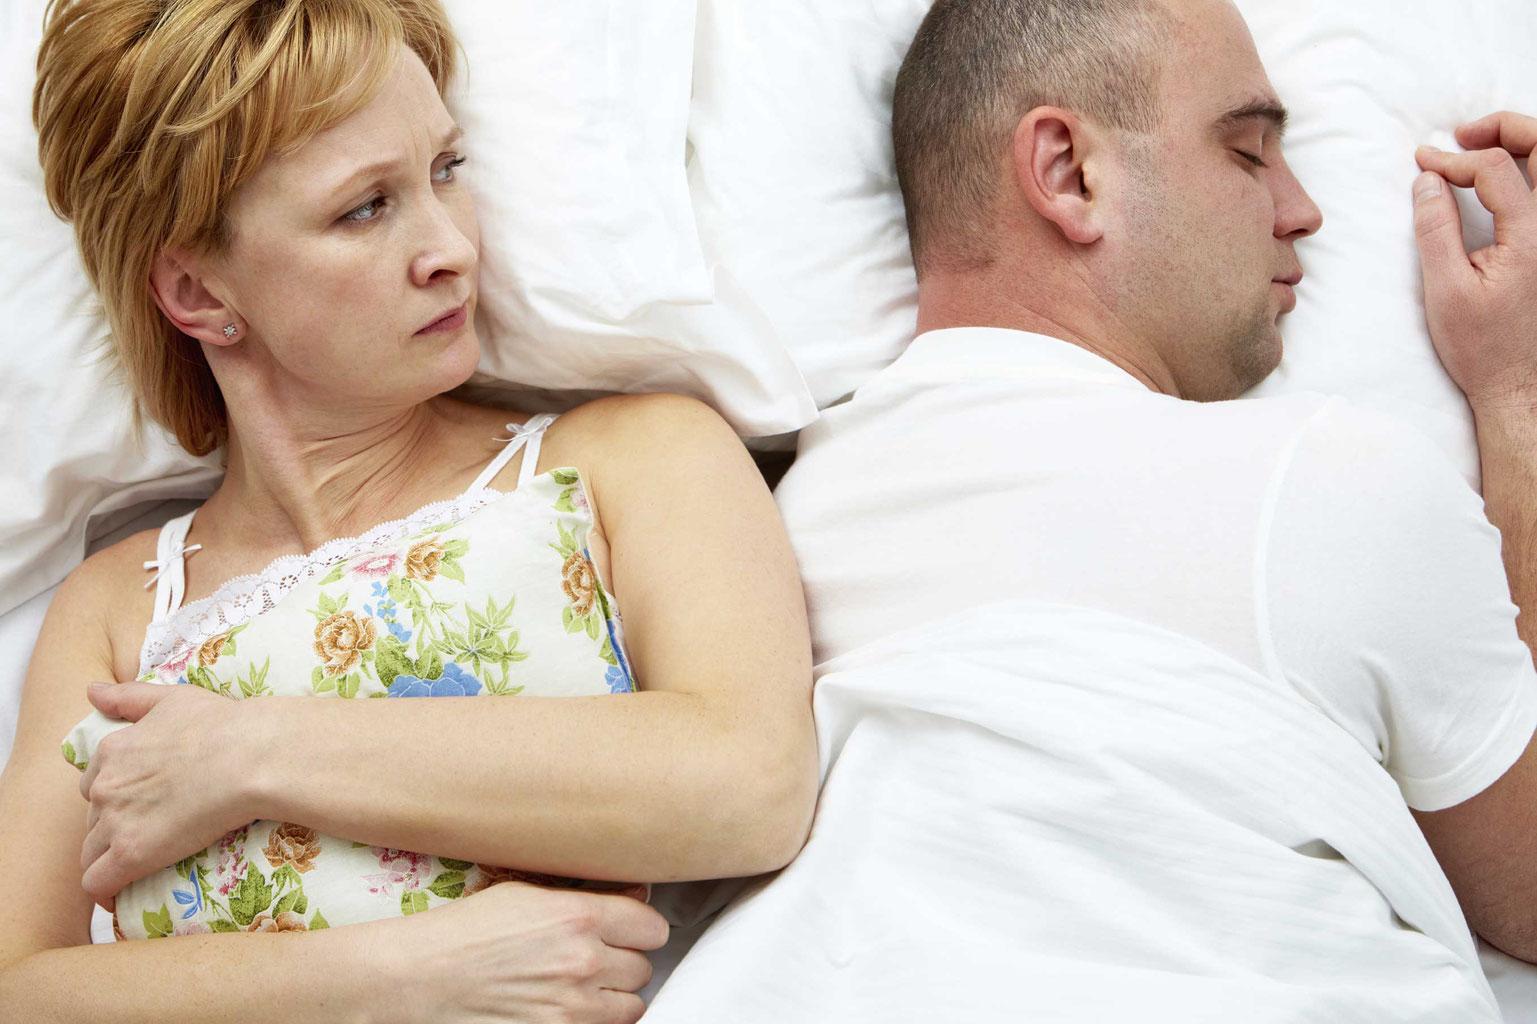 Eifersucht in der Beziehung * Eheberatung, Paartherapie